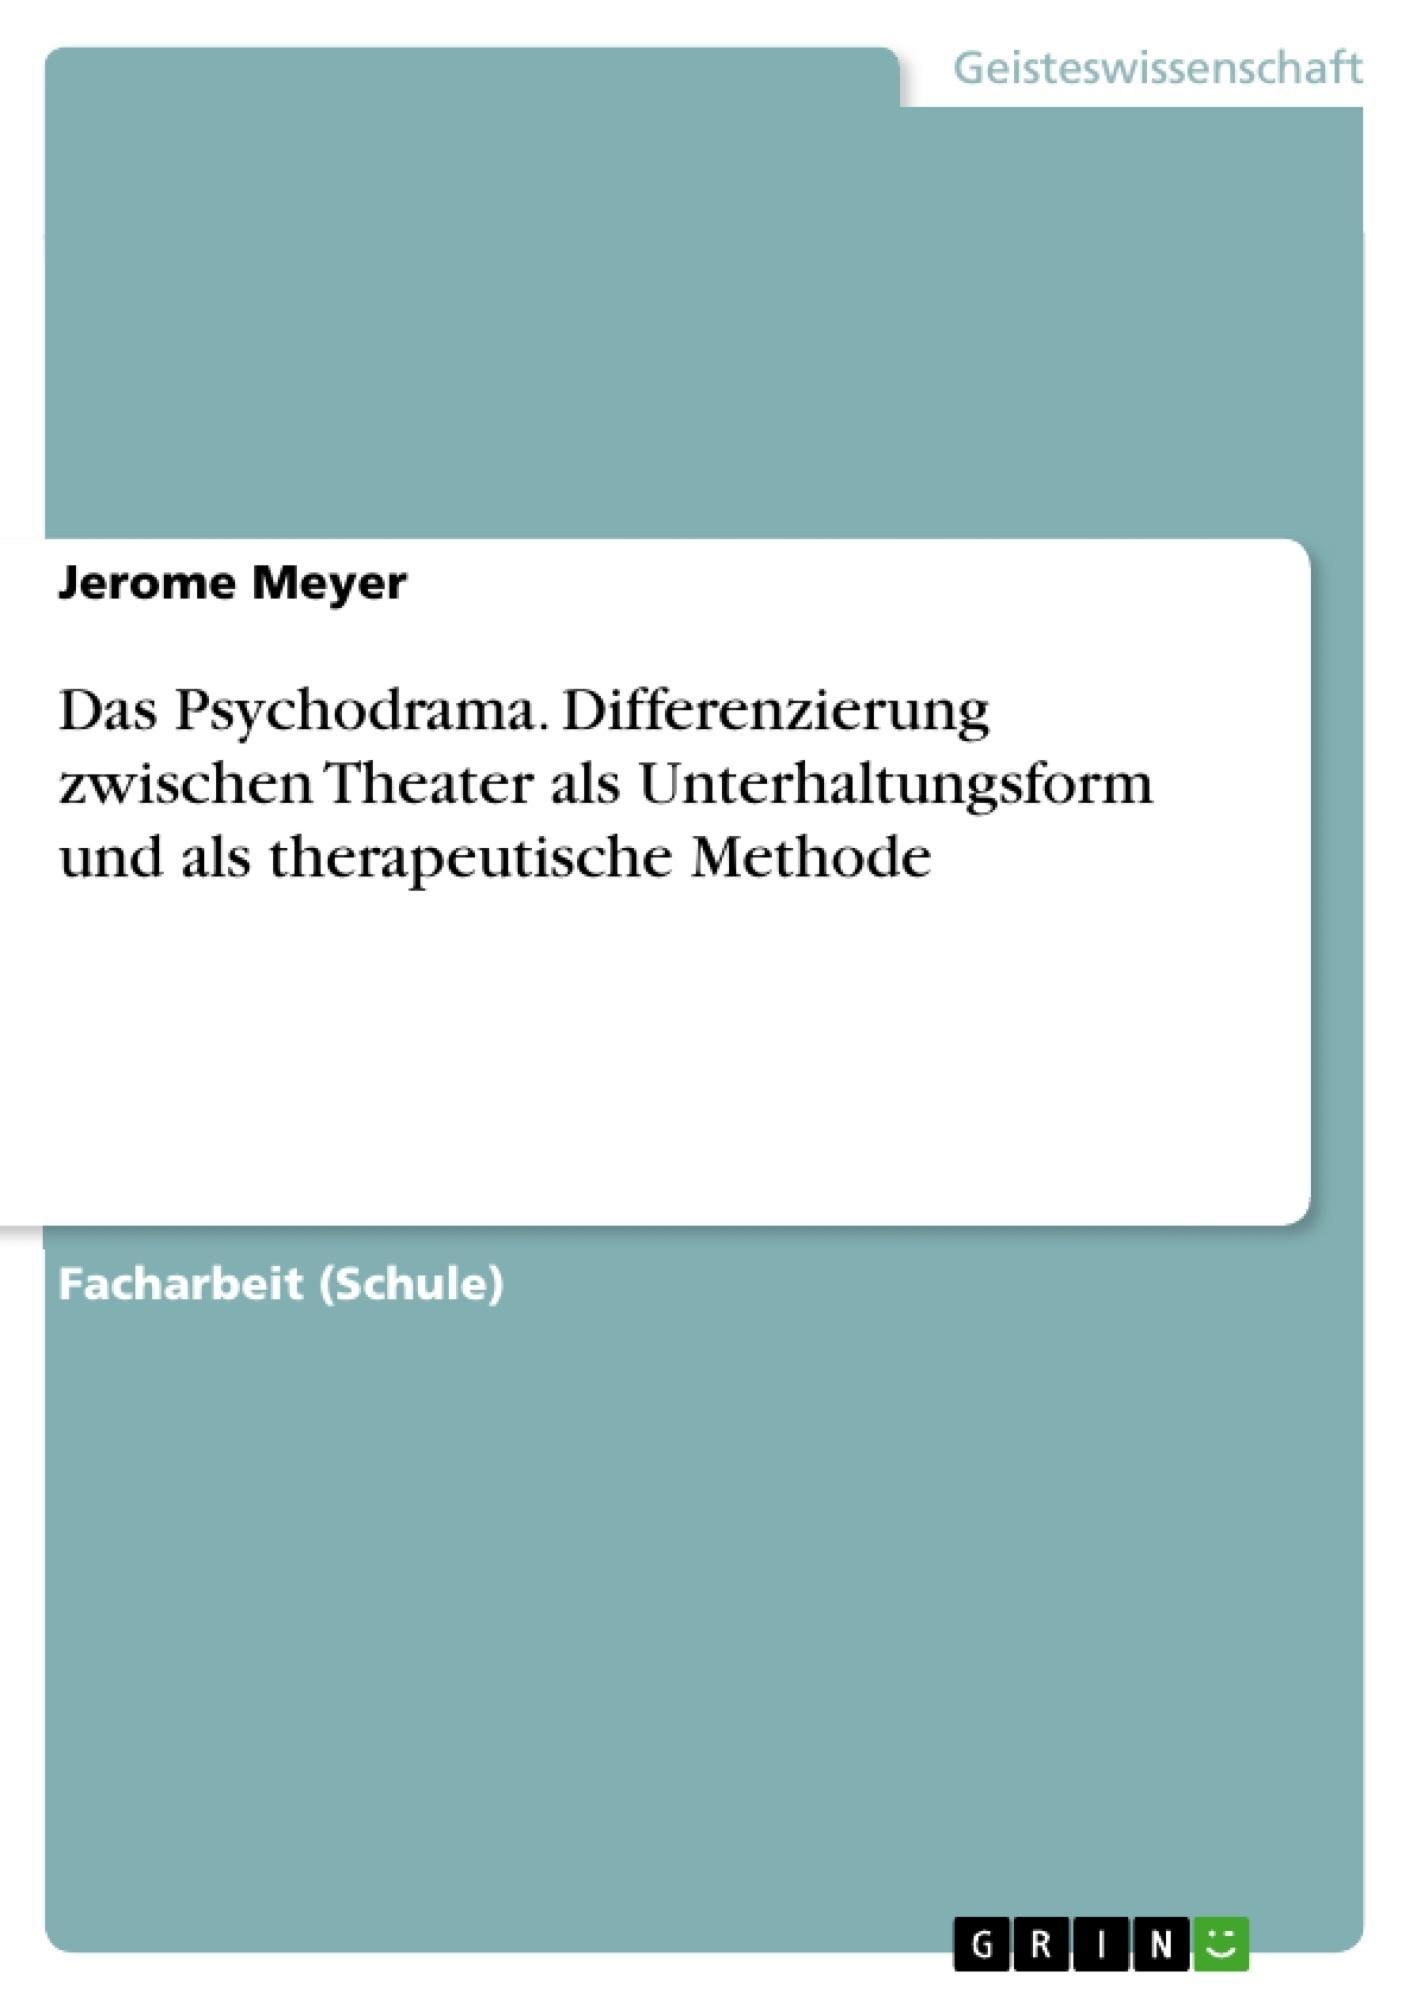 Titel: Das Psychodrama. Differenzierung zwischen Theater als Unterhaltungsform und als therapeutische Methode